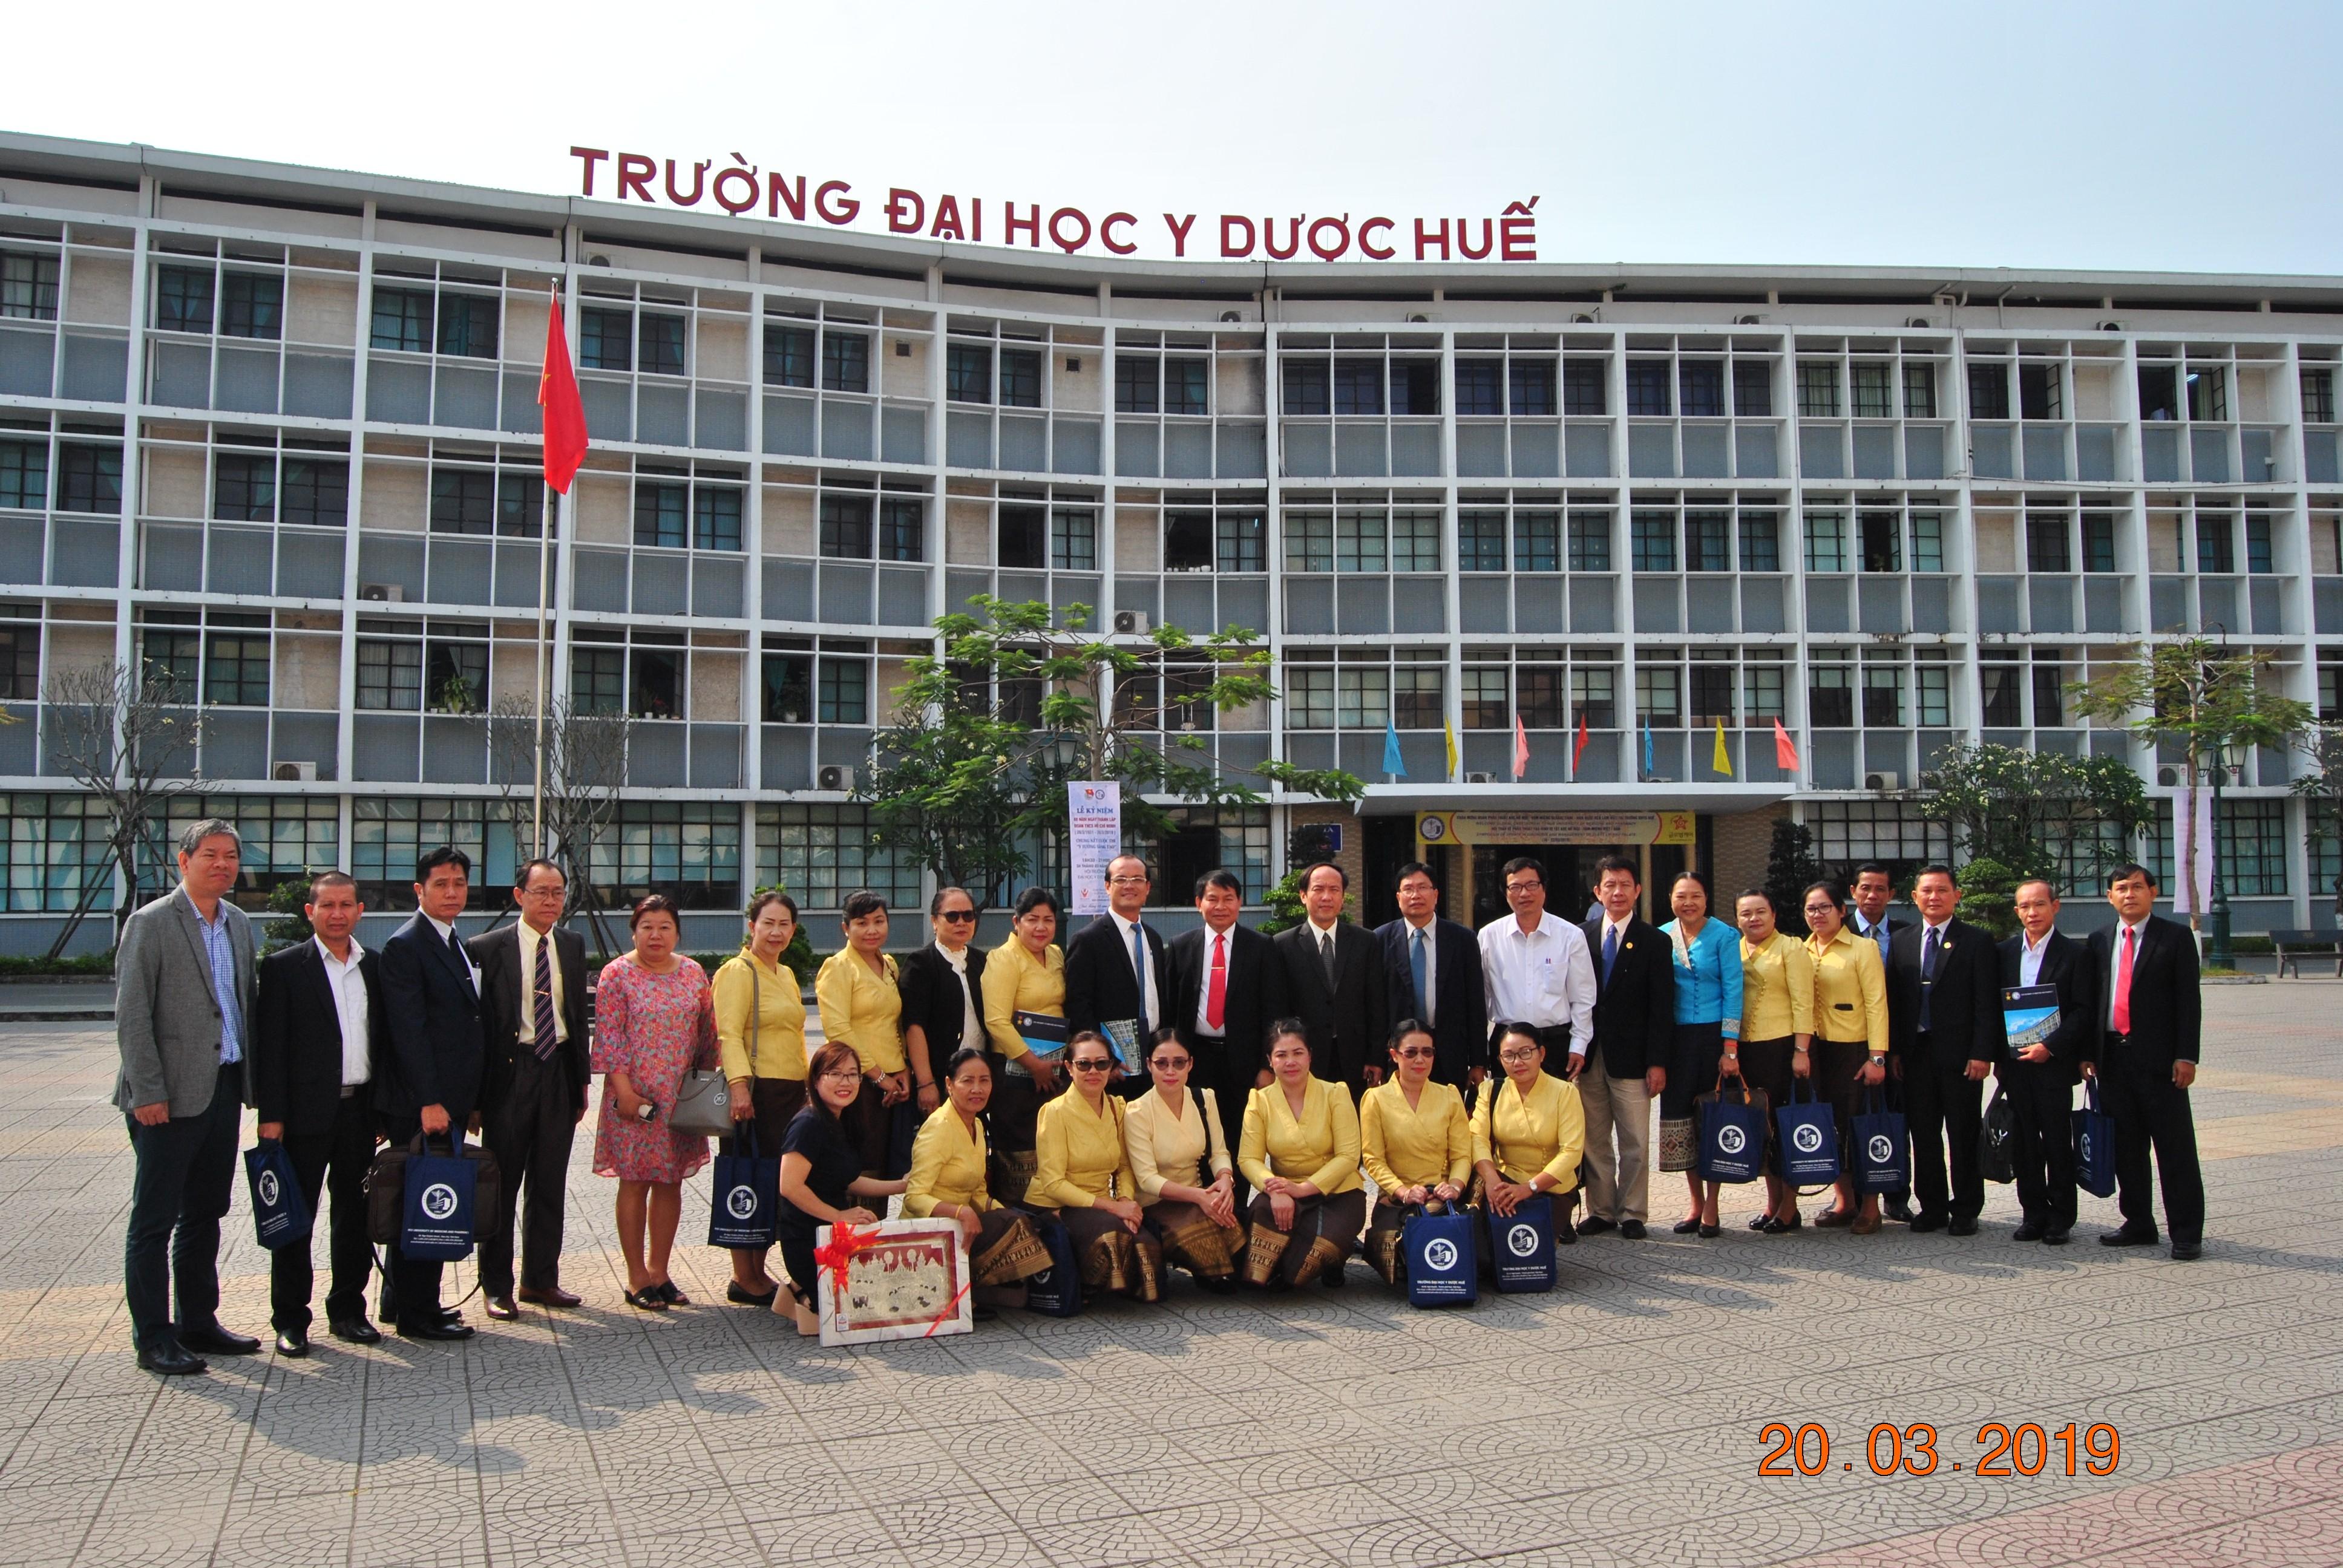 Đoàn Đại học Khoa học sức khoẻ Lào đến thăm và làm việc tại Trường